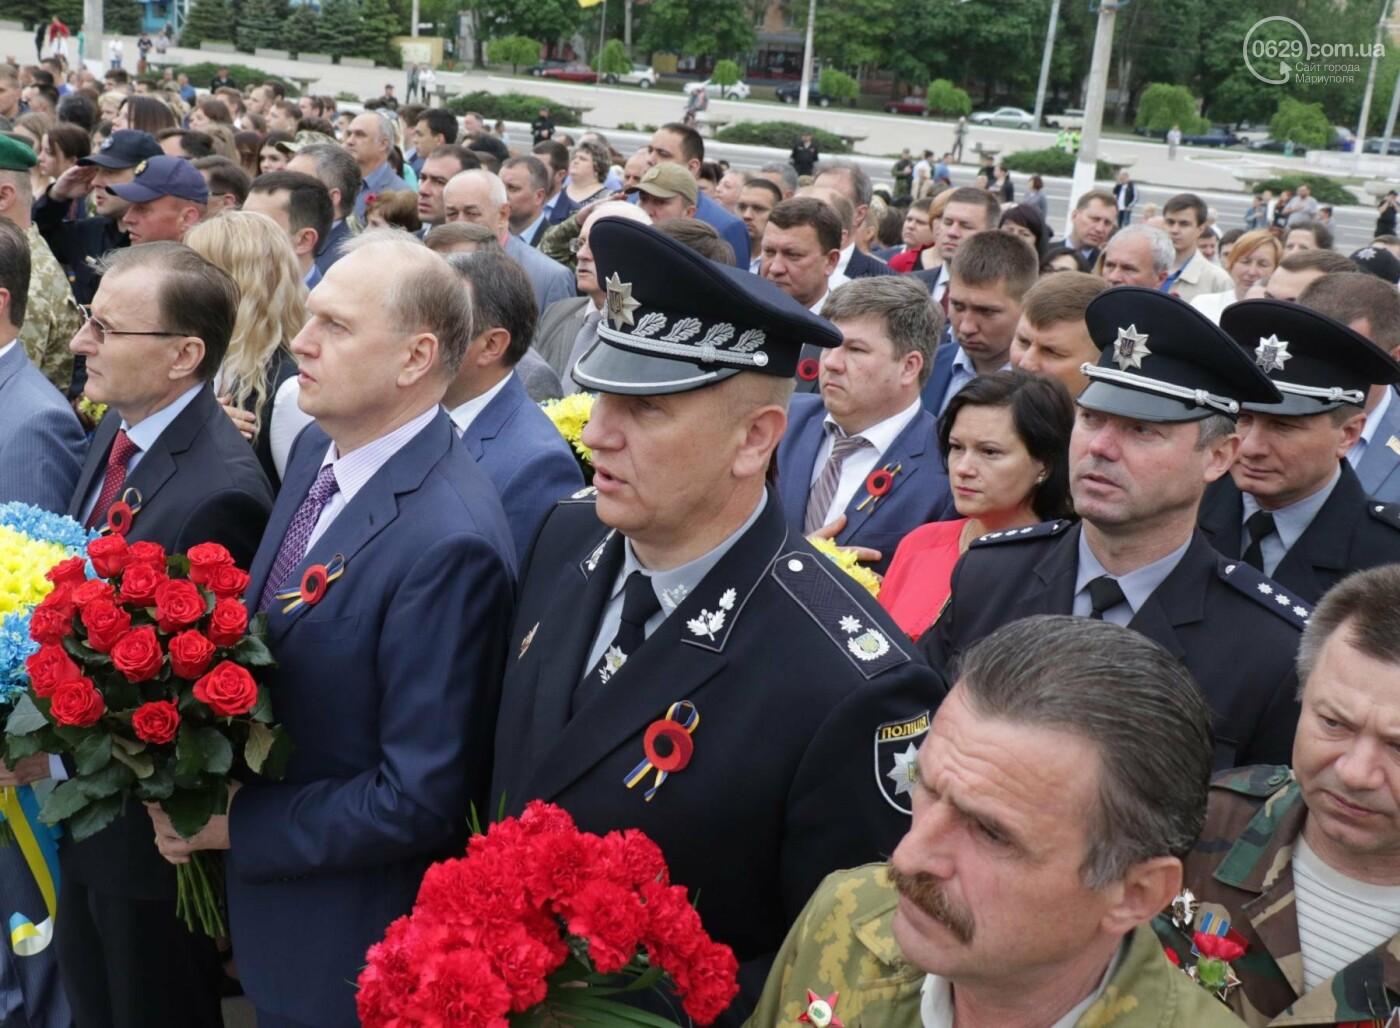 Как в  Мариуполе отметили 73-ю годовщину Победы, - ФОТО, ВИДЕО, фото-22